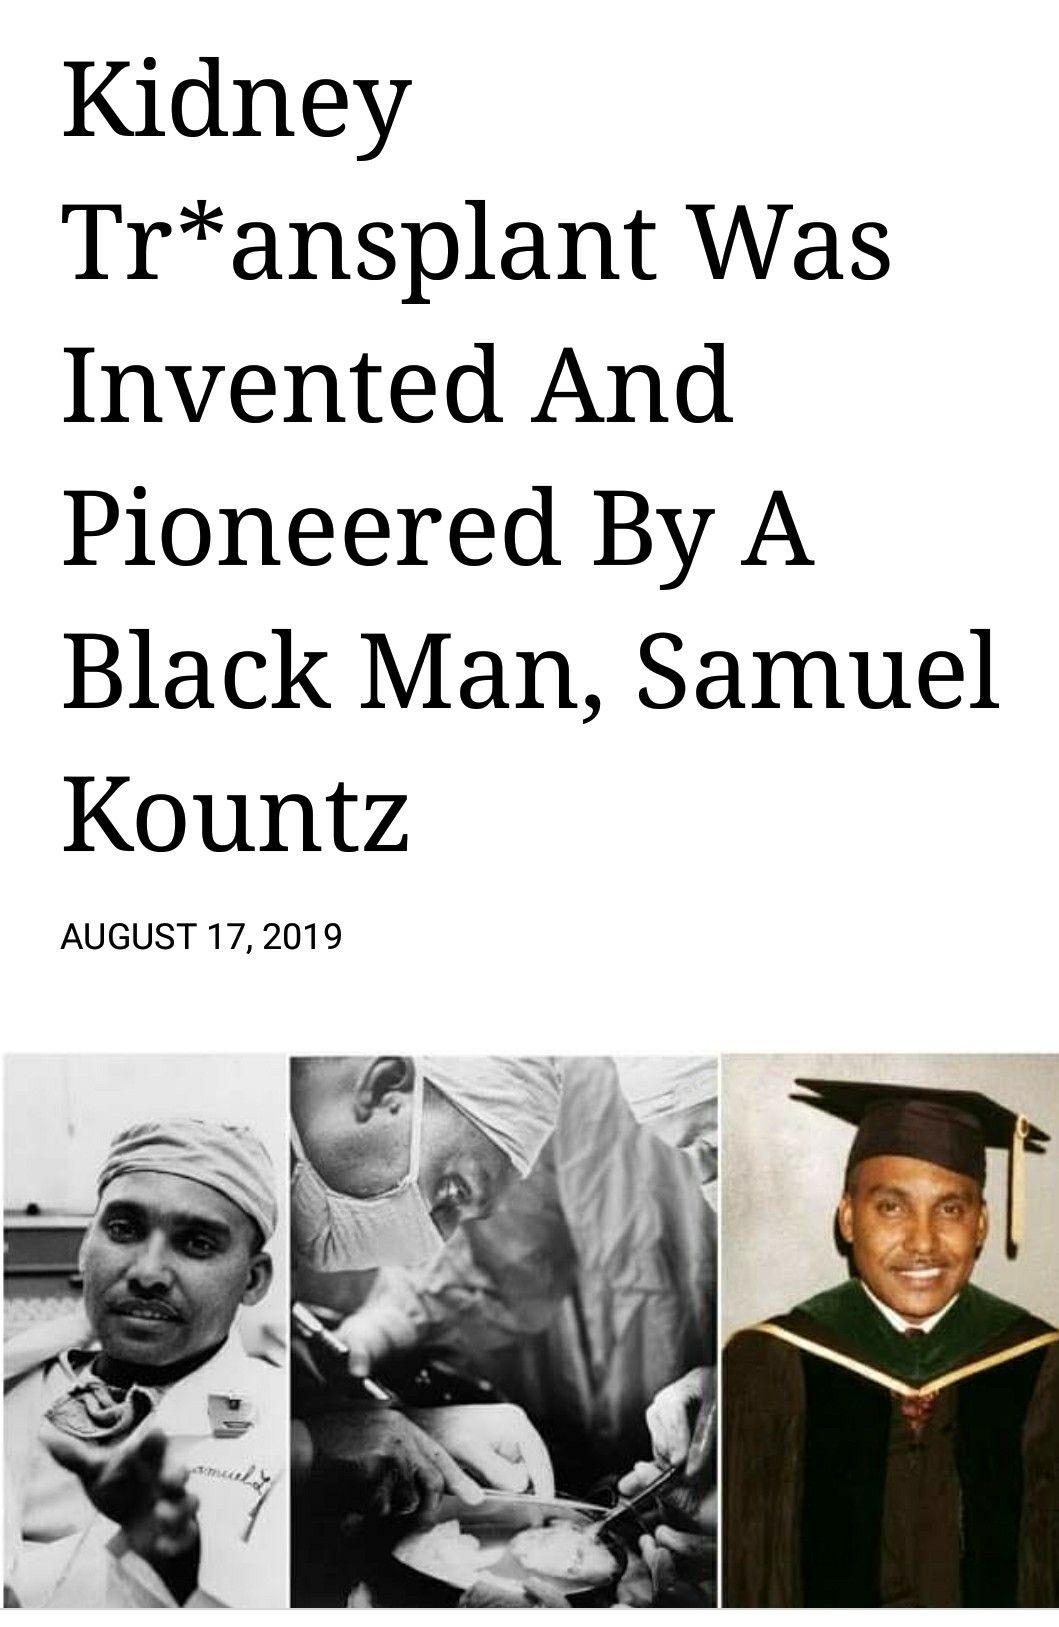 Kidney Transplant Pipneer Dr Samuel Koumtz